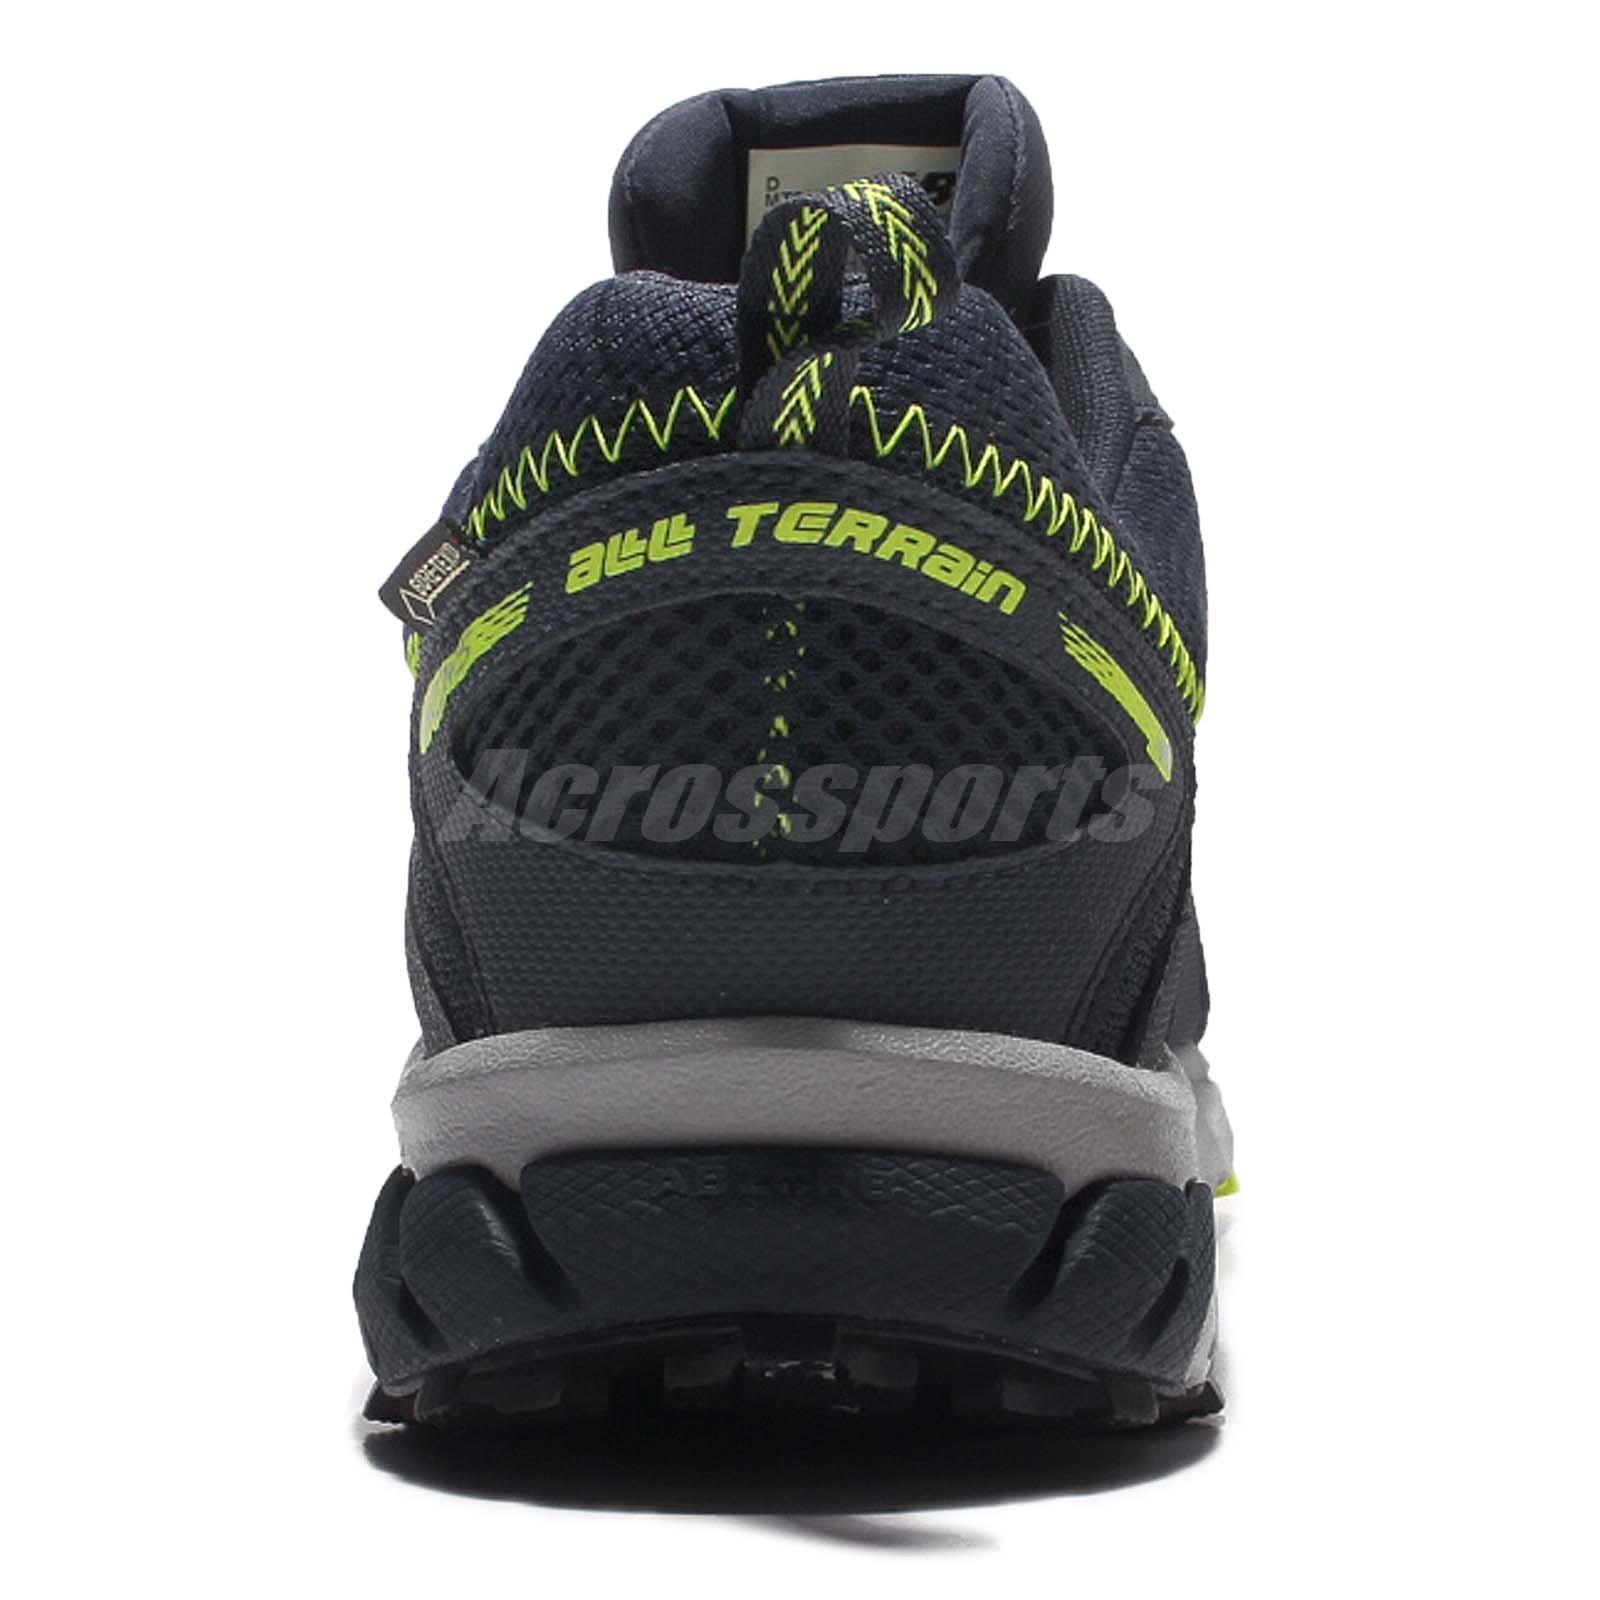 New Balance MT610GX5 D Black Tech Ride Men Trail Running Outdoors MT610GX5D